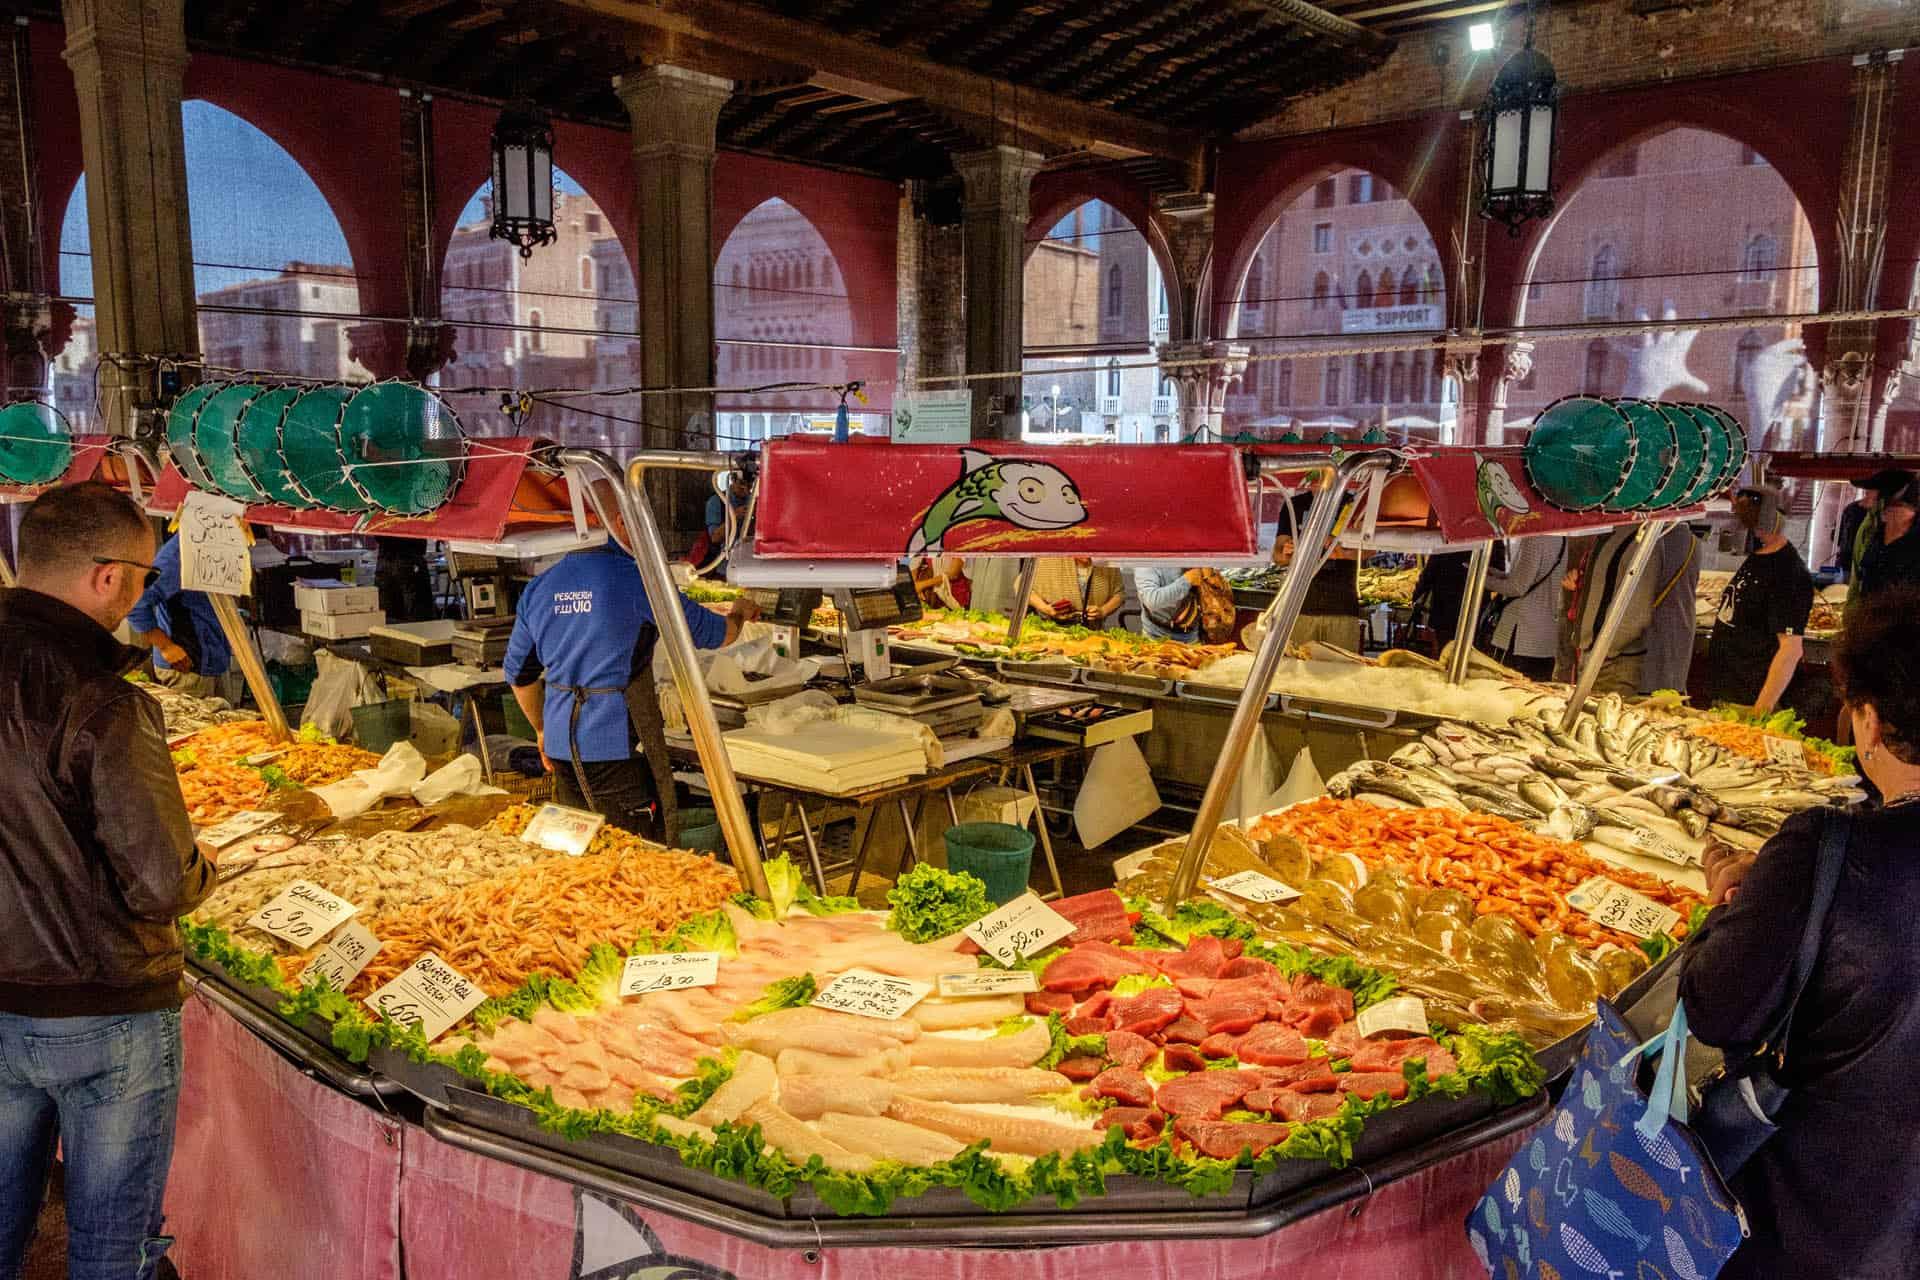 Marché aux poissons à Rialto sur le Grand Canal – Expérience vénitienne authentique